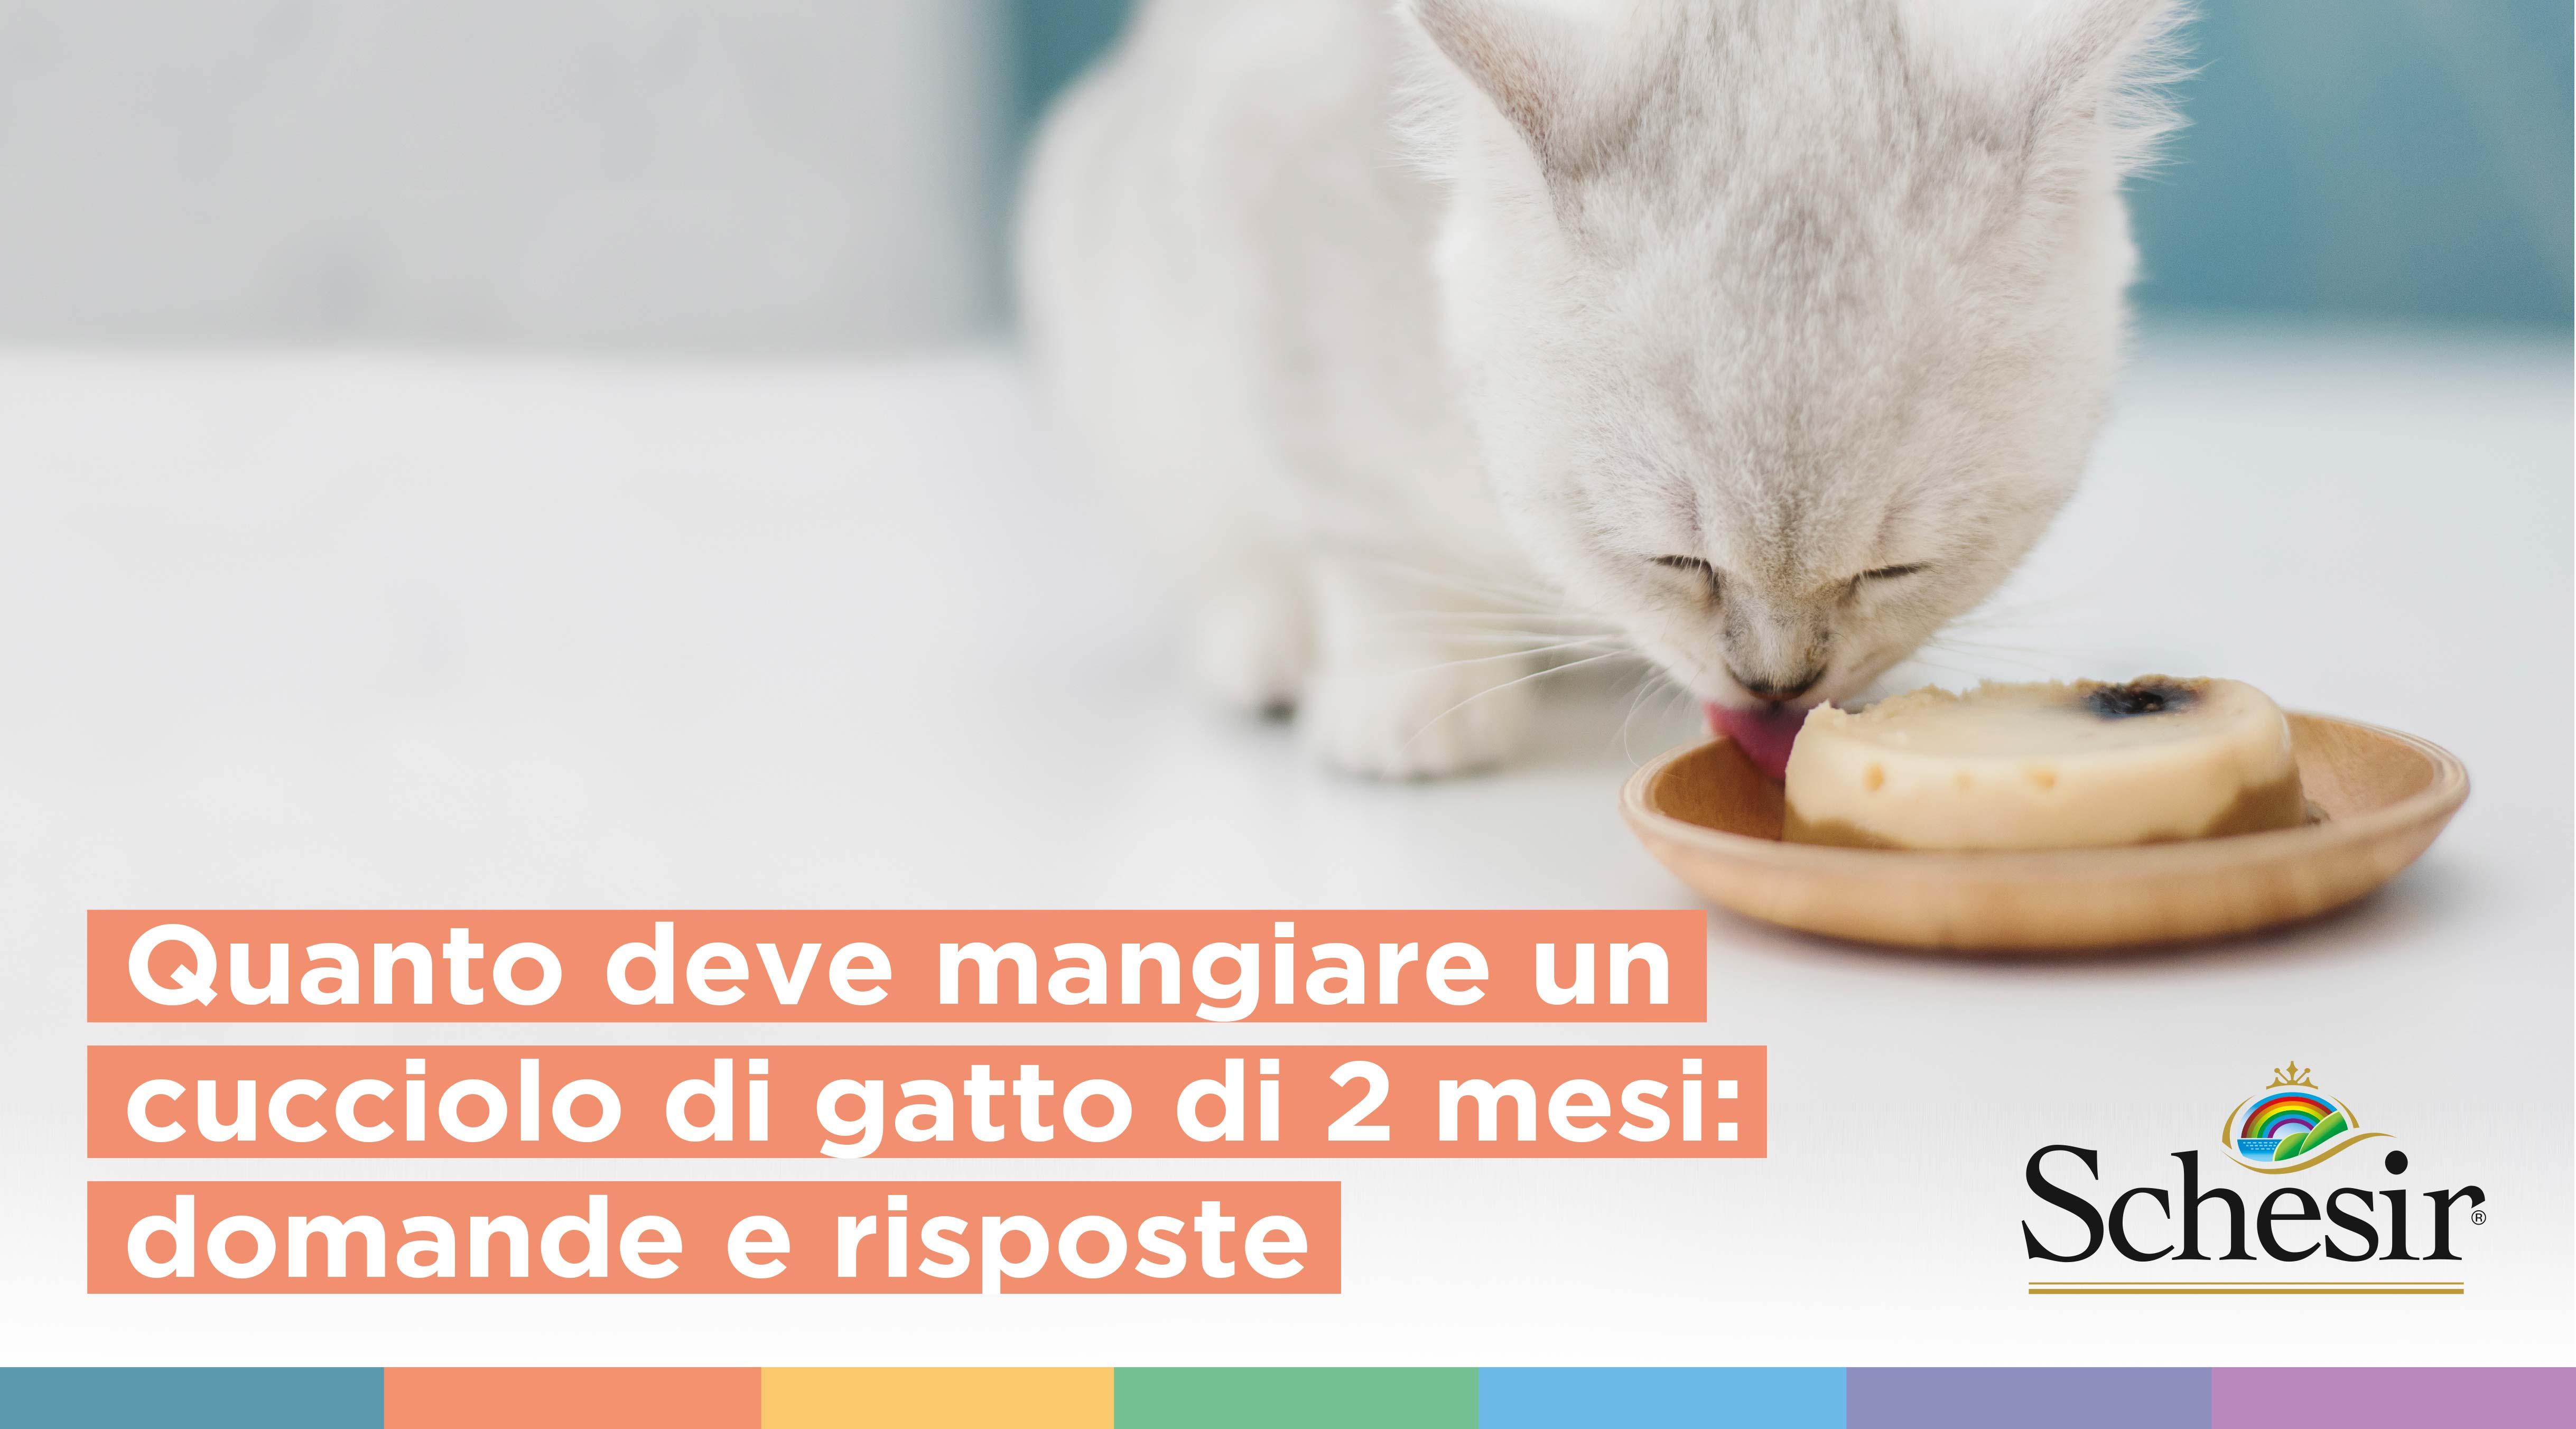 Quanto deve mangiare un cucciolo di gatto di 2 mesi: domande e risposte, Schesir